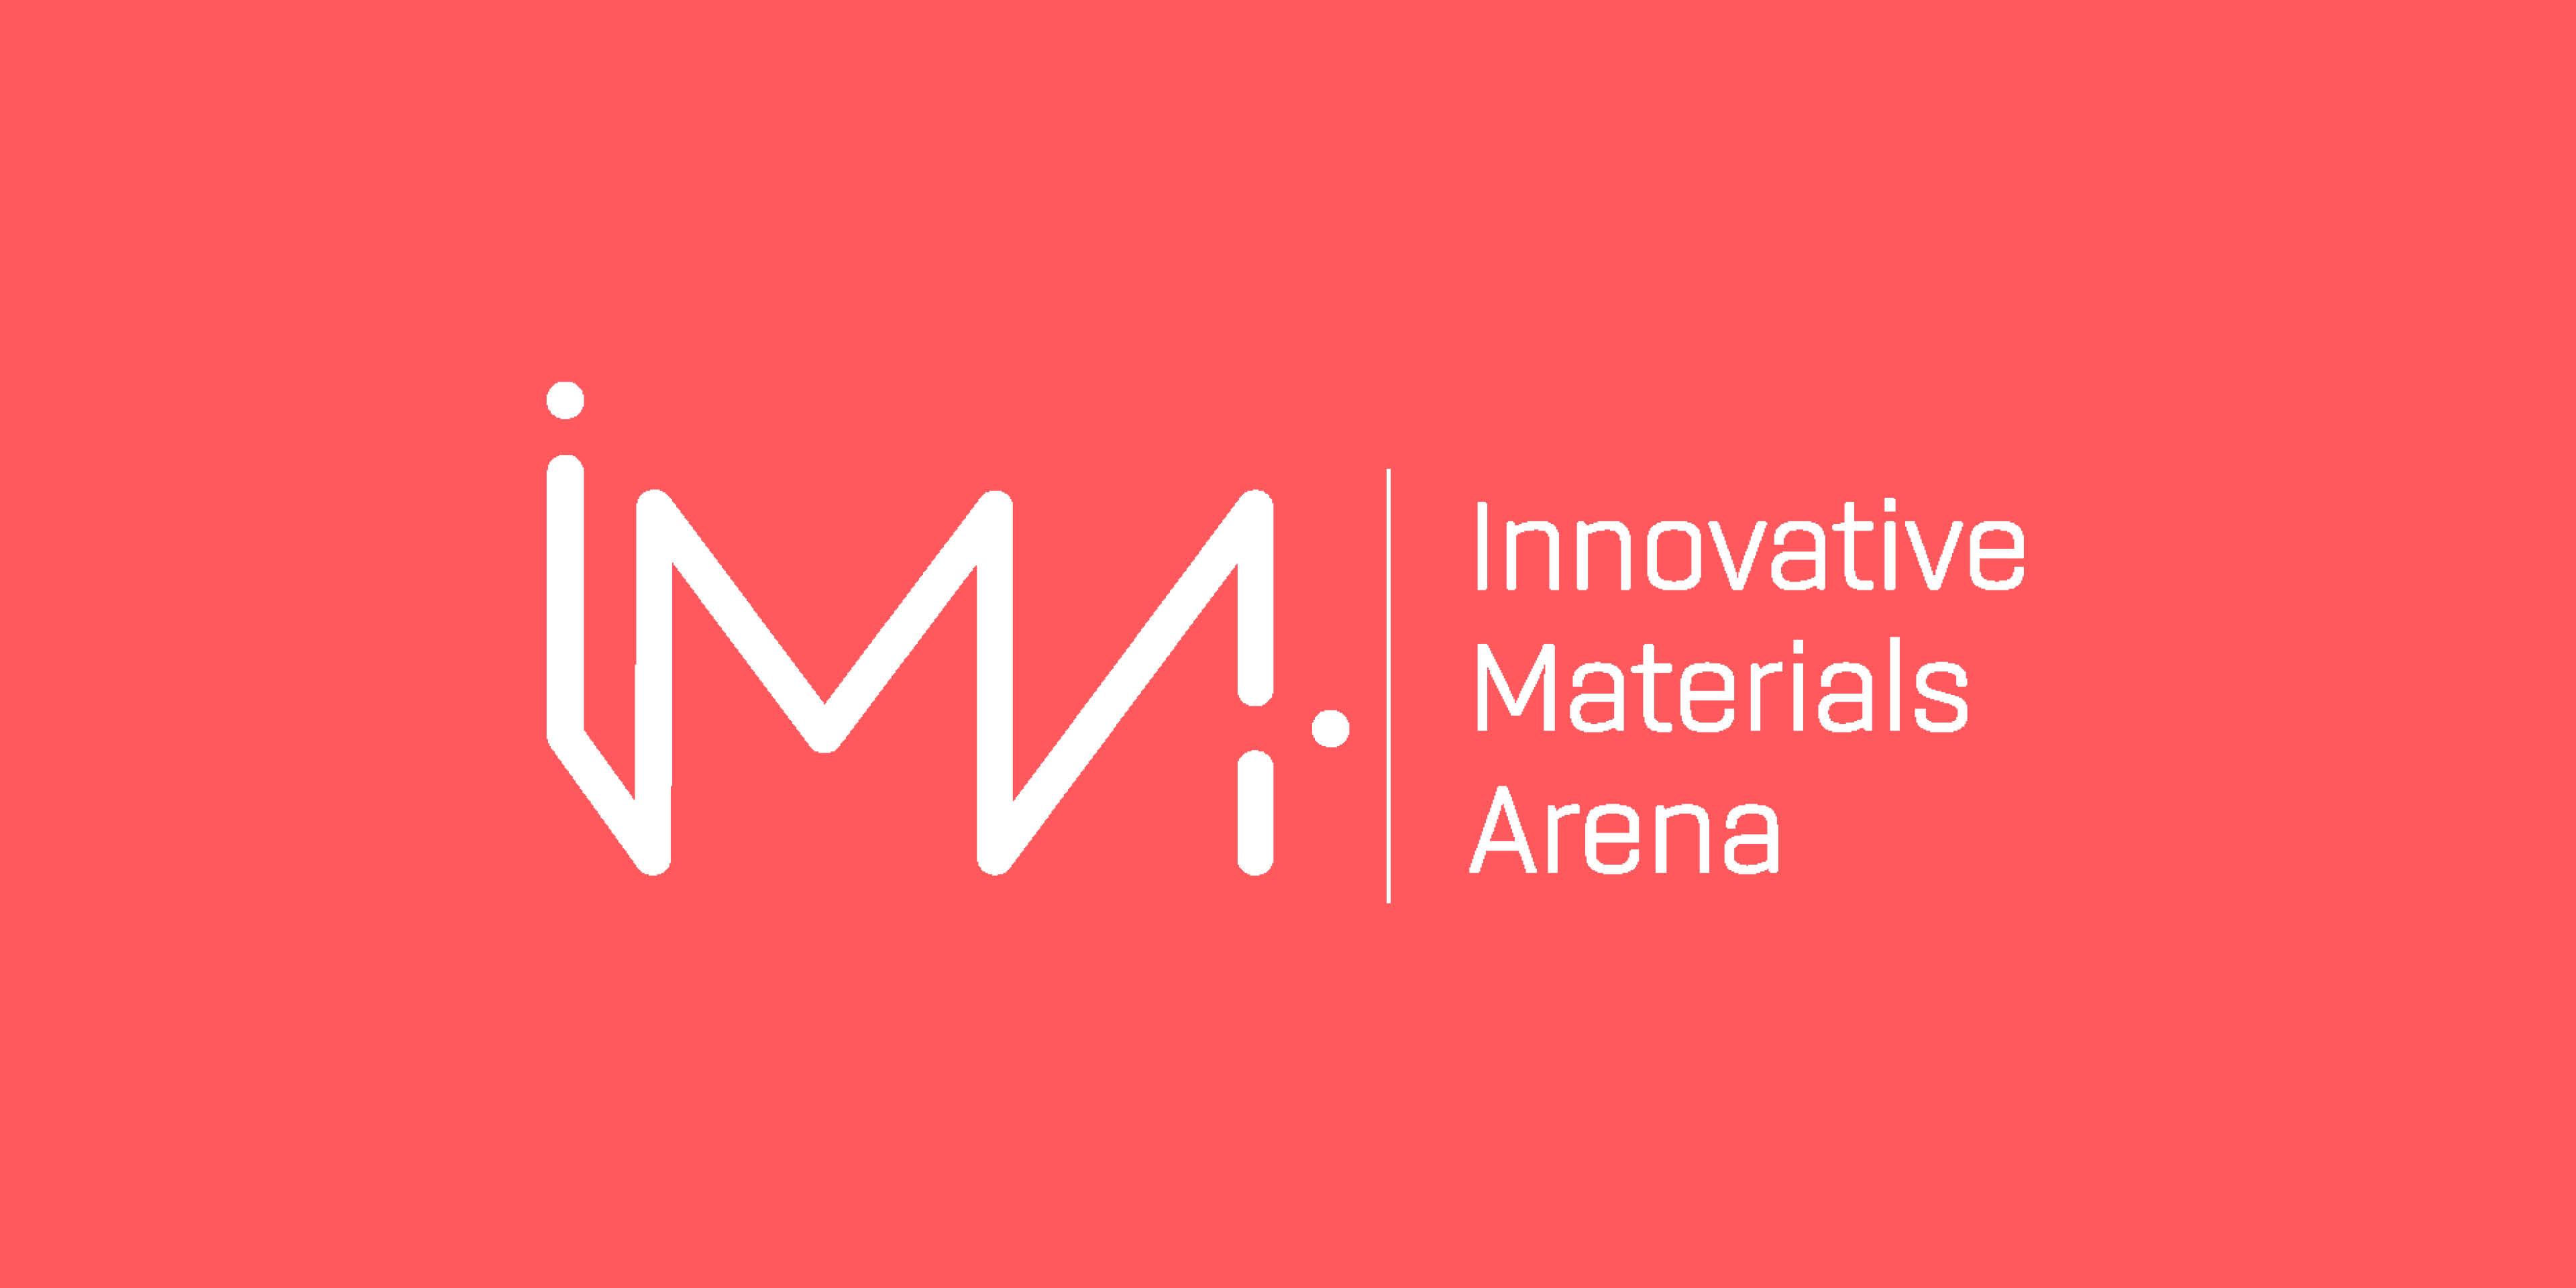 Logotyp för IMA - Innovatie Materials Arena, röd bakrund